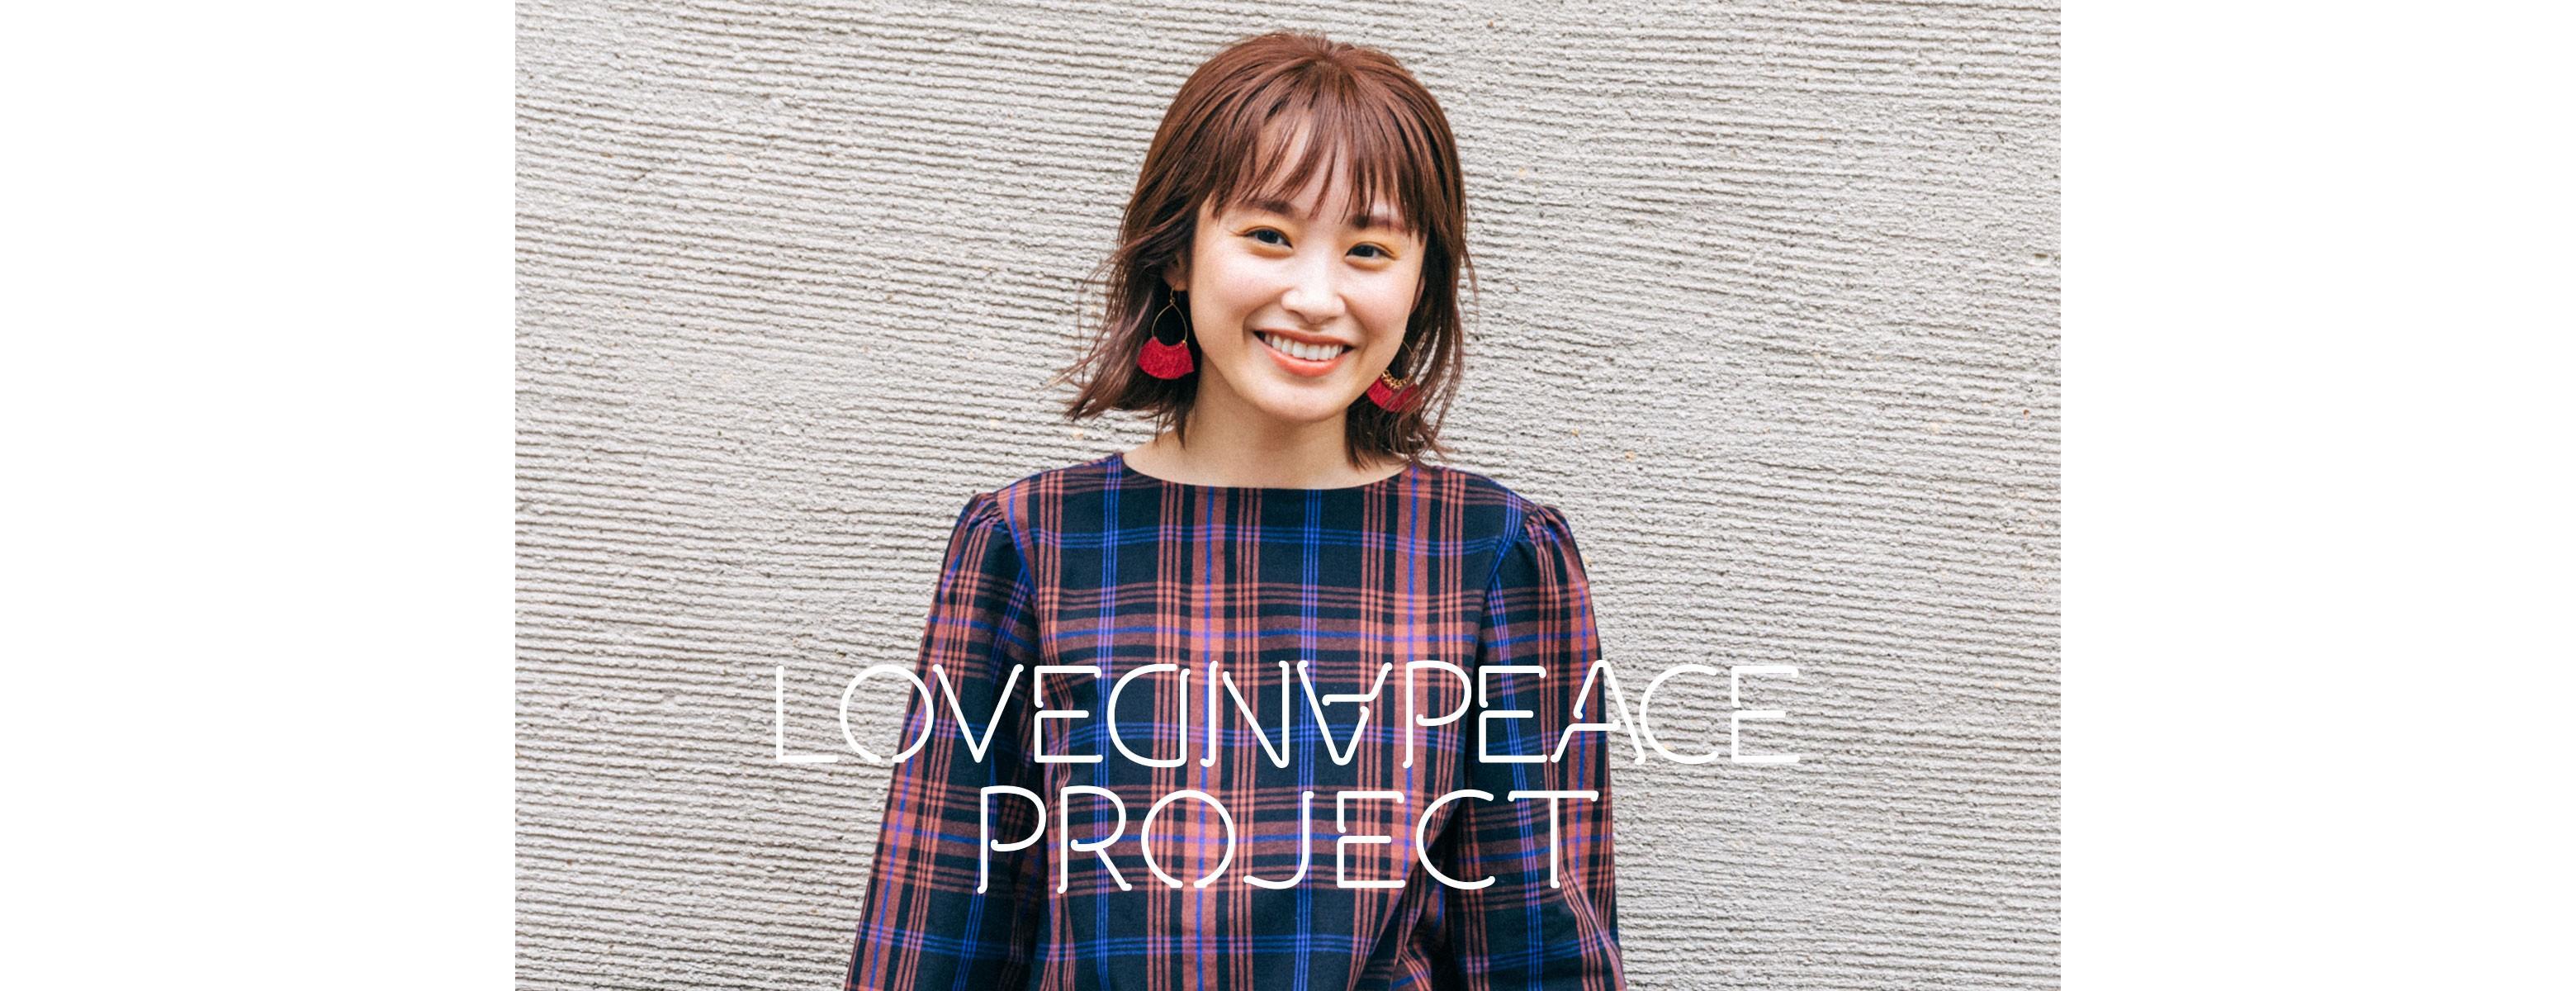 ラブ&ピースプロジェクト 高橋愛さんコラボアイテム